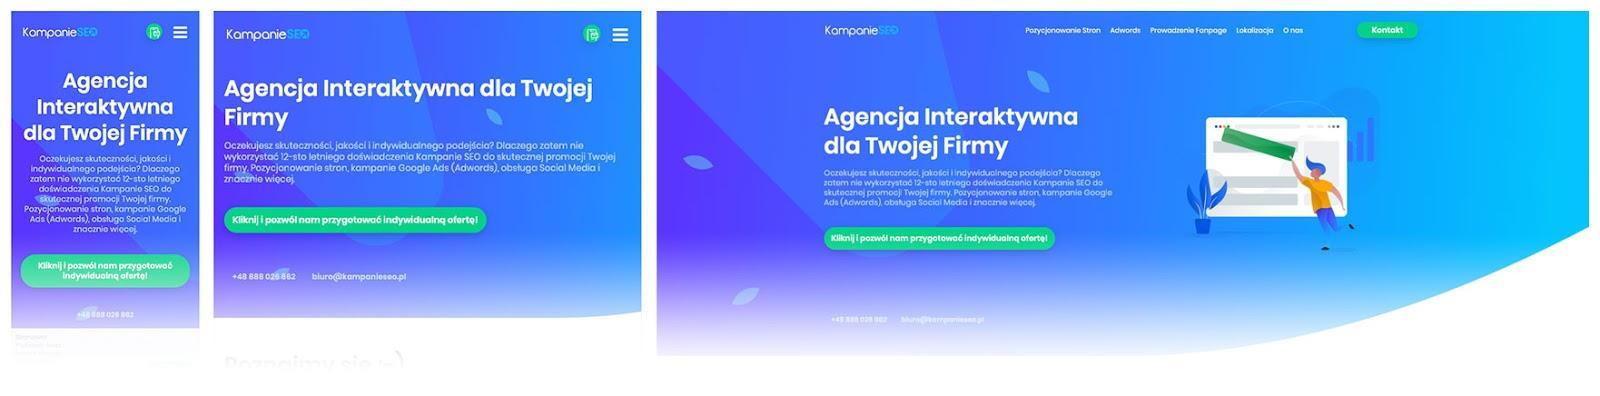 Przykład - dobrze zaprojektowana strona internetowa